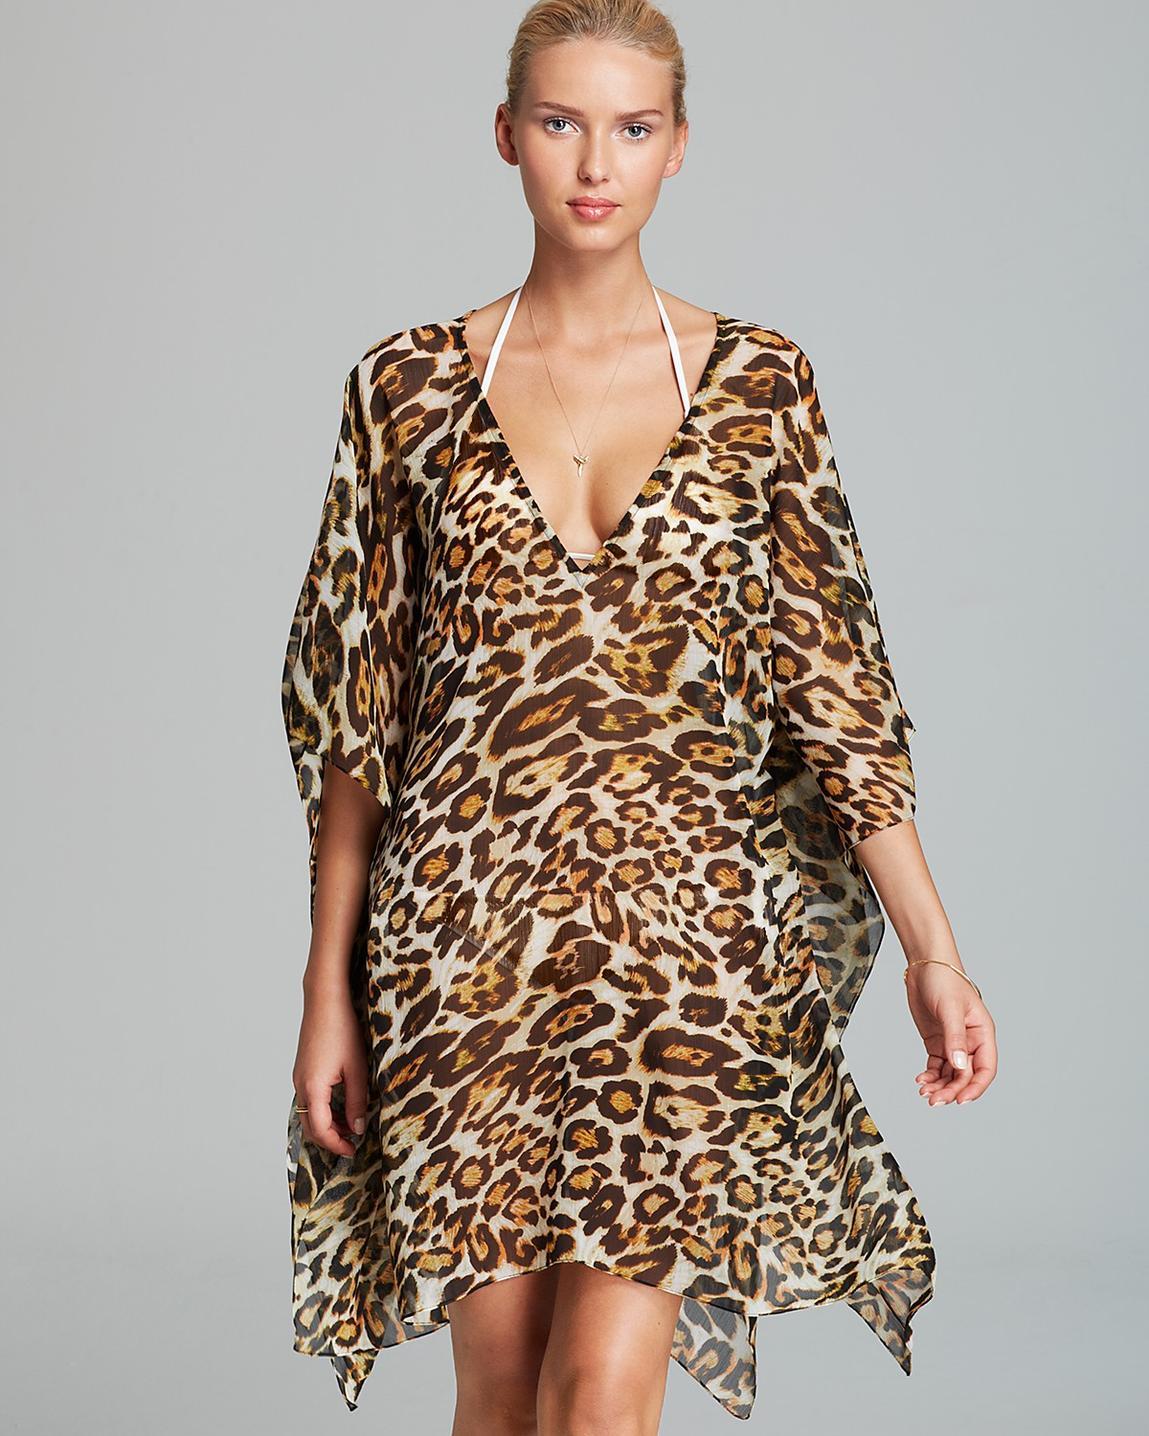 платье туника животный принт